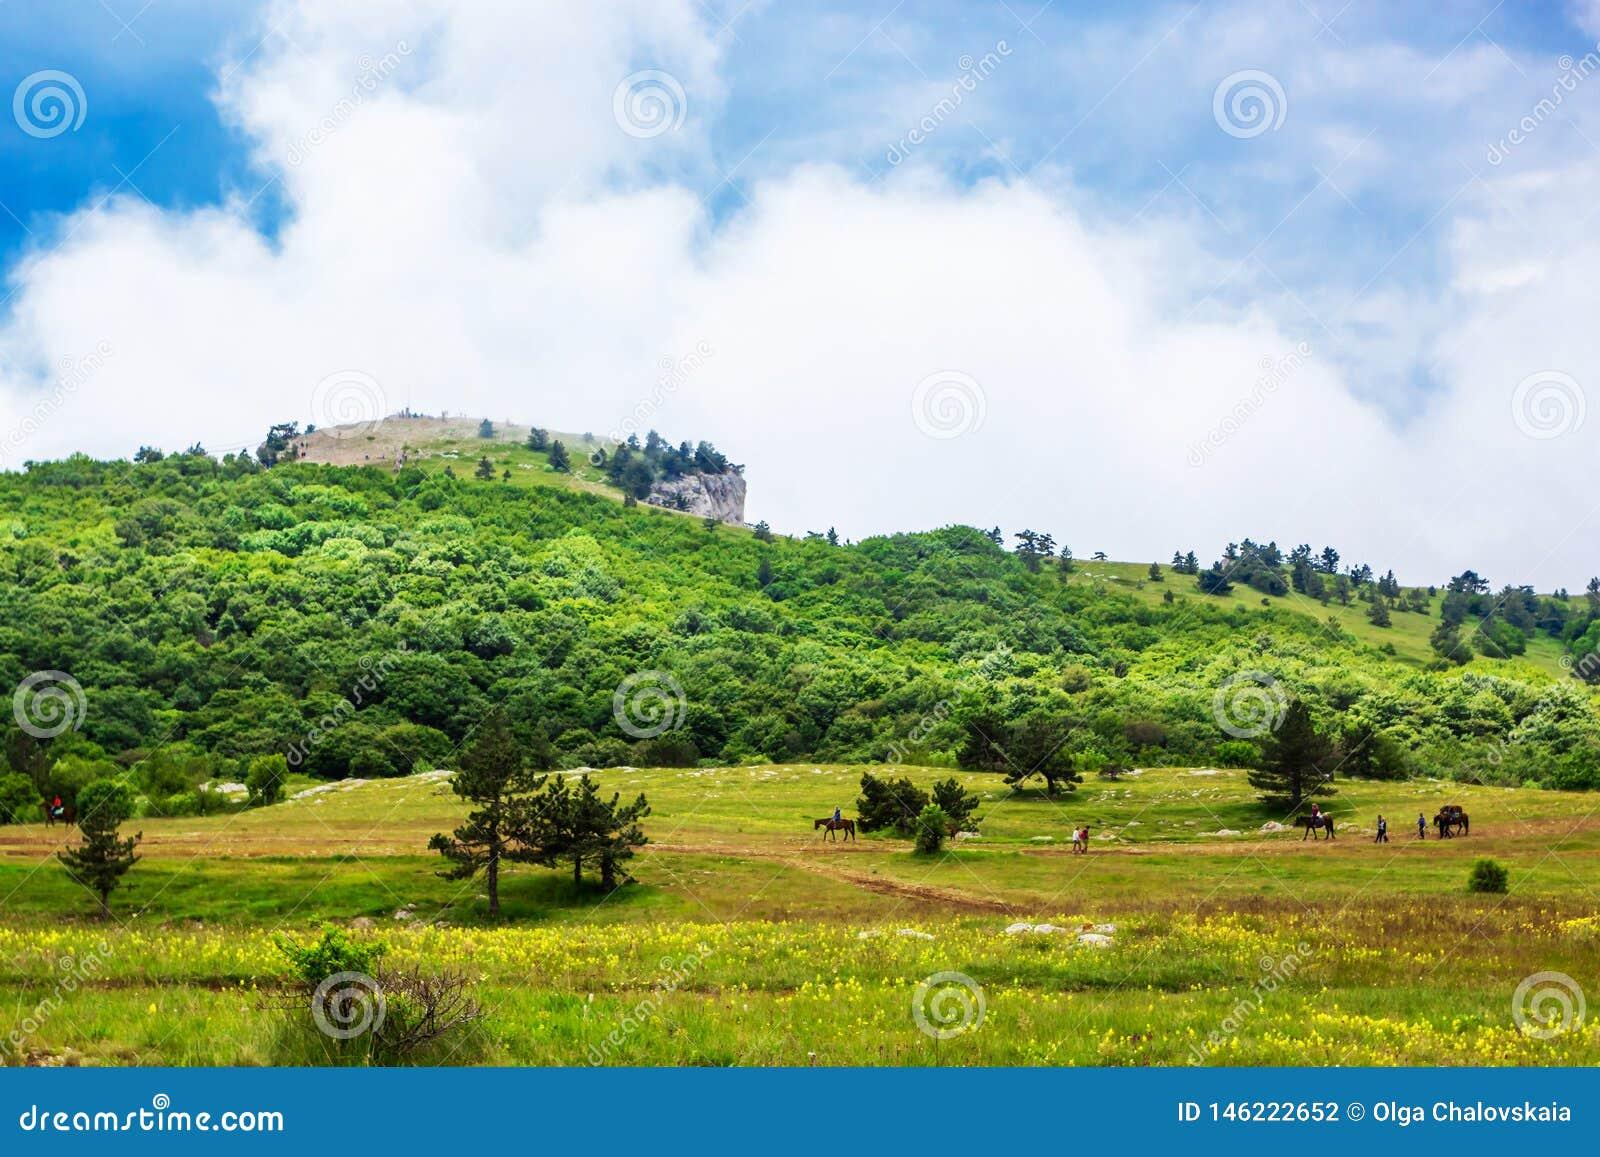 Πράσινος τομέας χλόης στα βουνά και μπλε ουρανός με τα σύννεφα